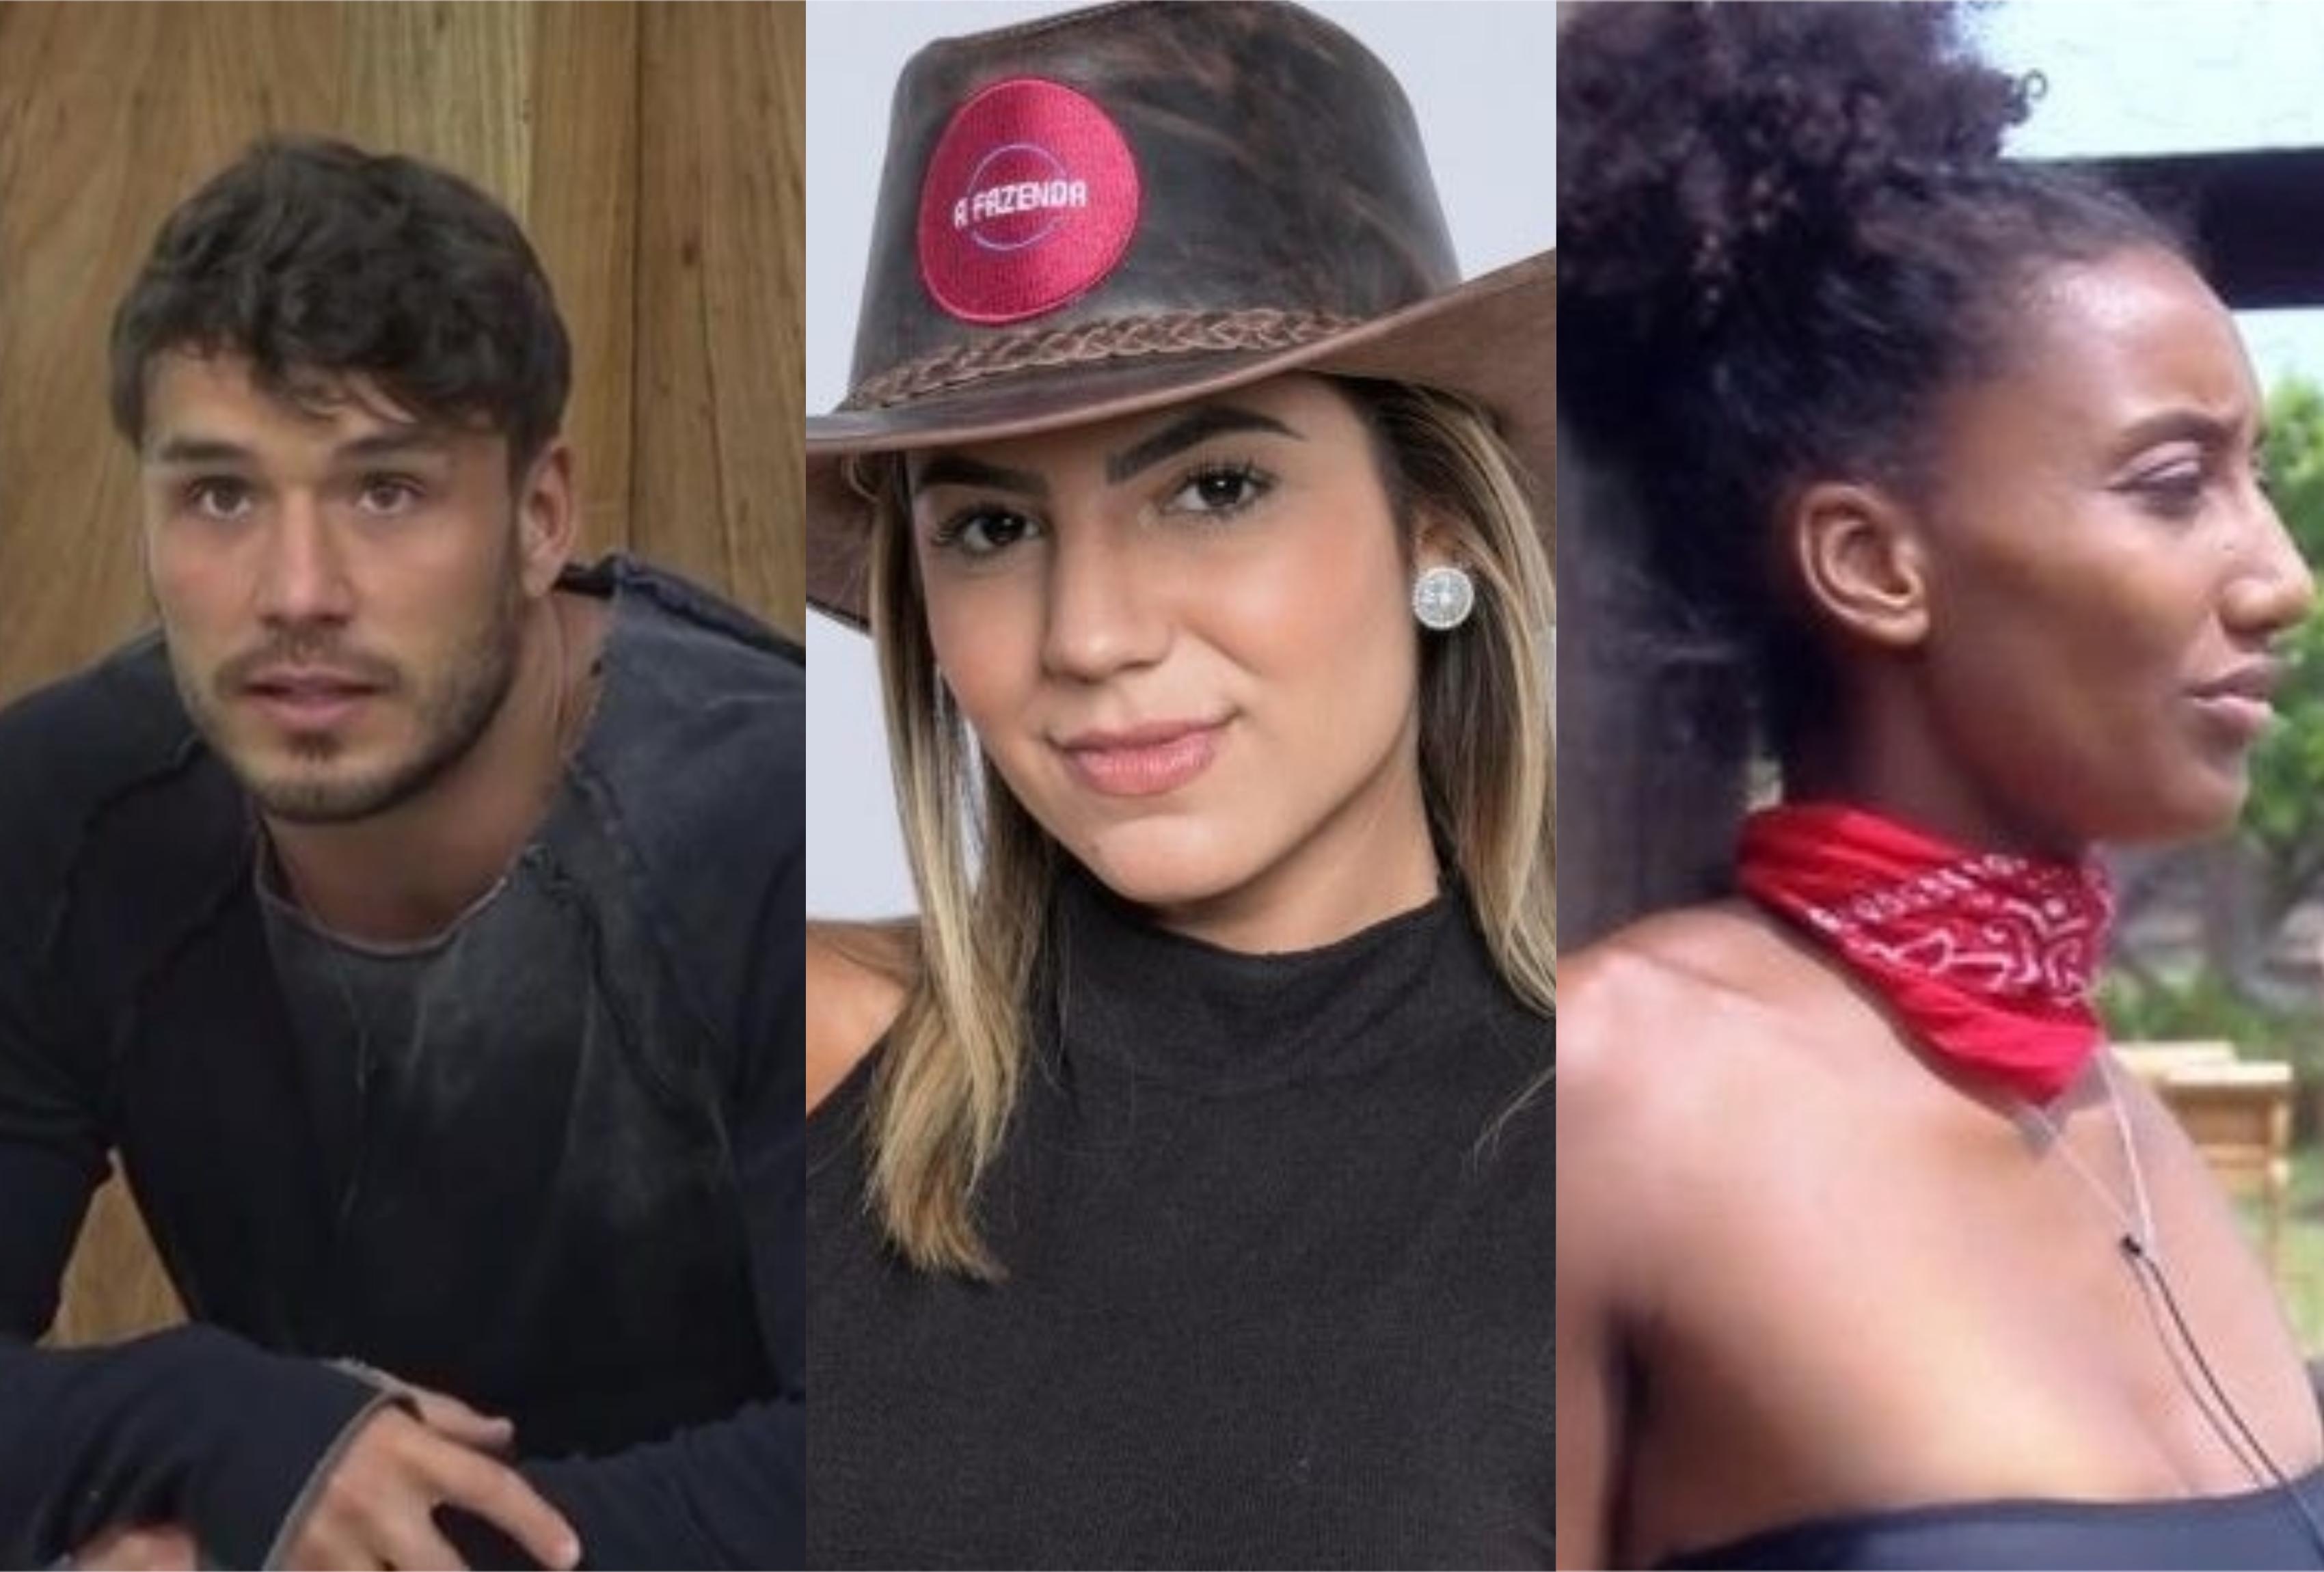 Quem você quer que fique em A Fazenda da Record? Lucas Viana, Hariany Almeida ou Sabrina de Paiva? (Foto: Montagem/TV Foco)